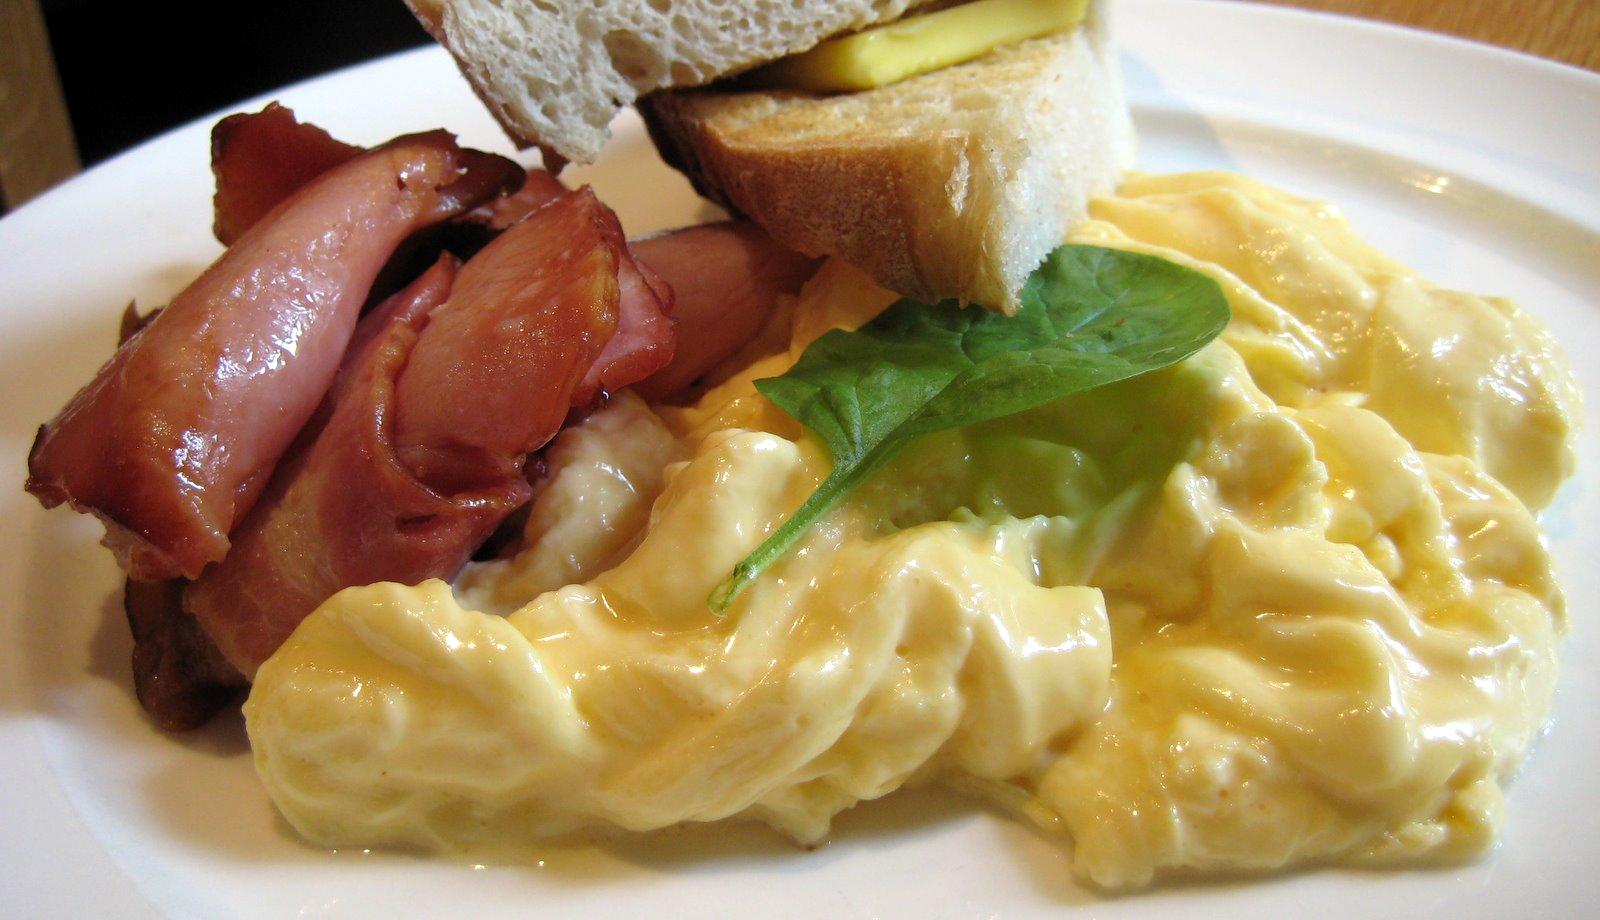 Look pretty insane unlike any scrambled eggs i ve ever seen in my